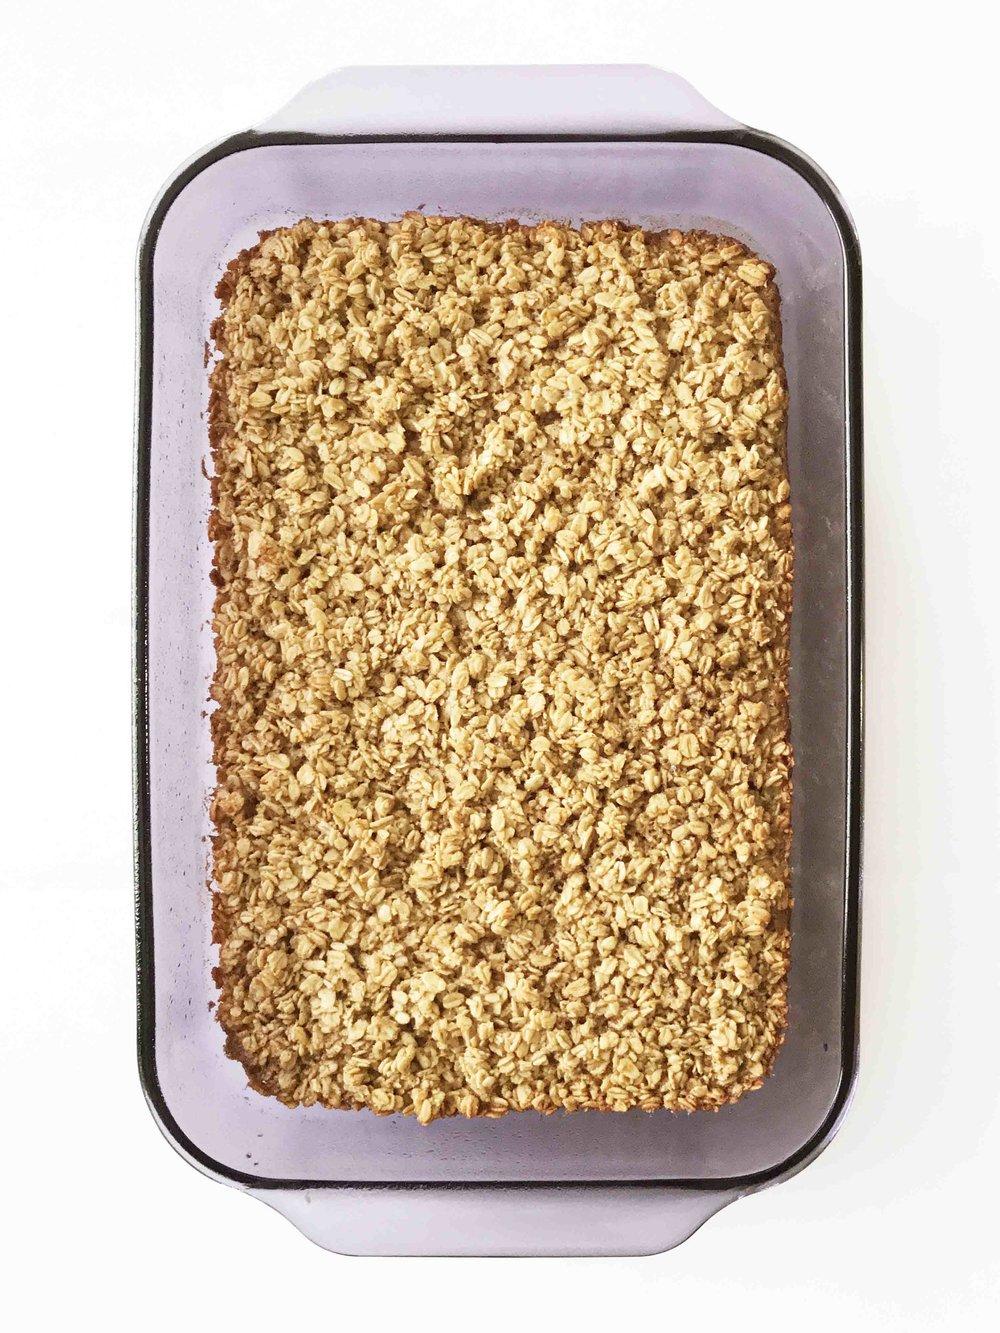 amish-oatmeal7.jpg